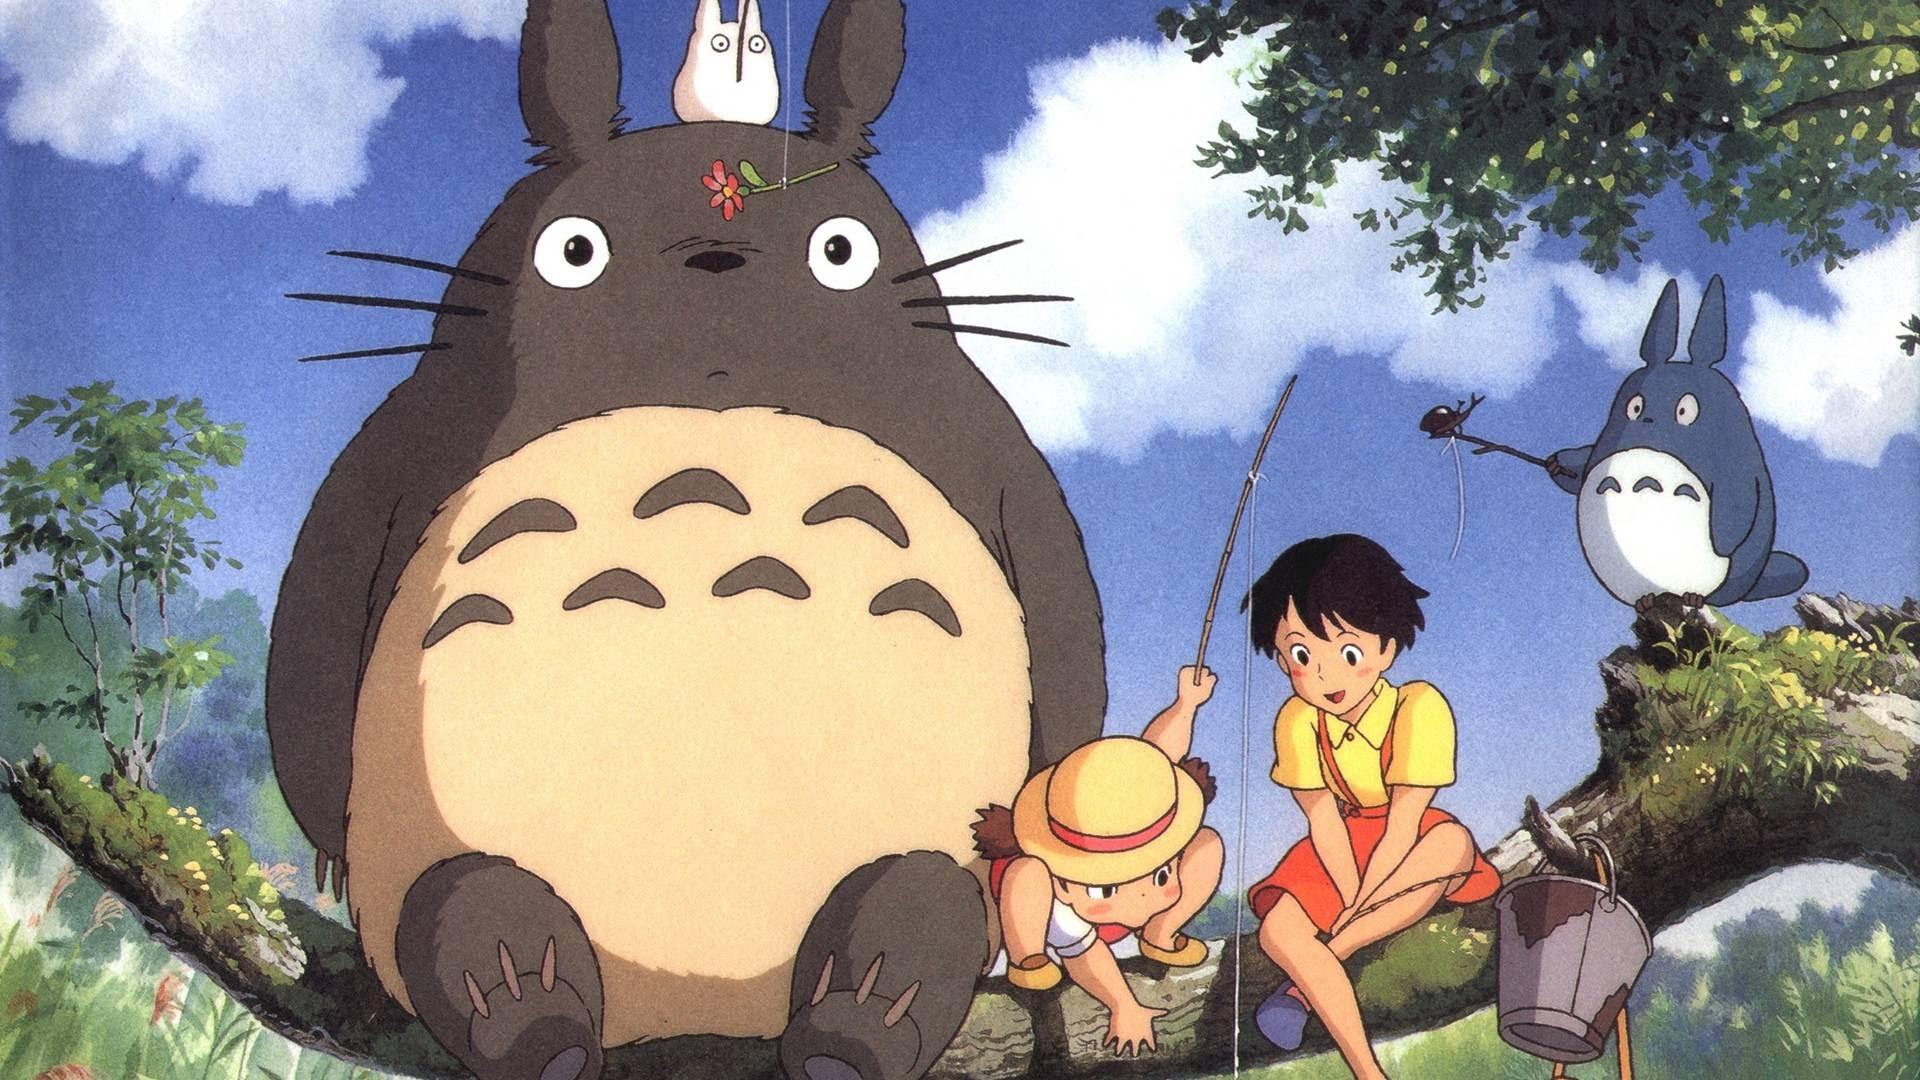 Hayao Miyazaki Laputa Castle In The Sky Miyazaki Desktop And